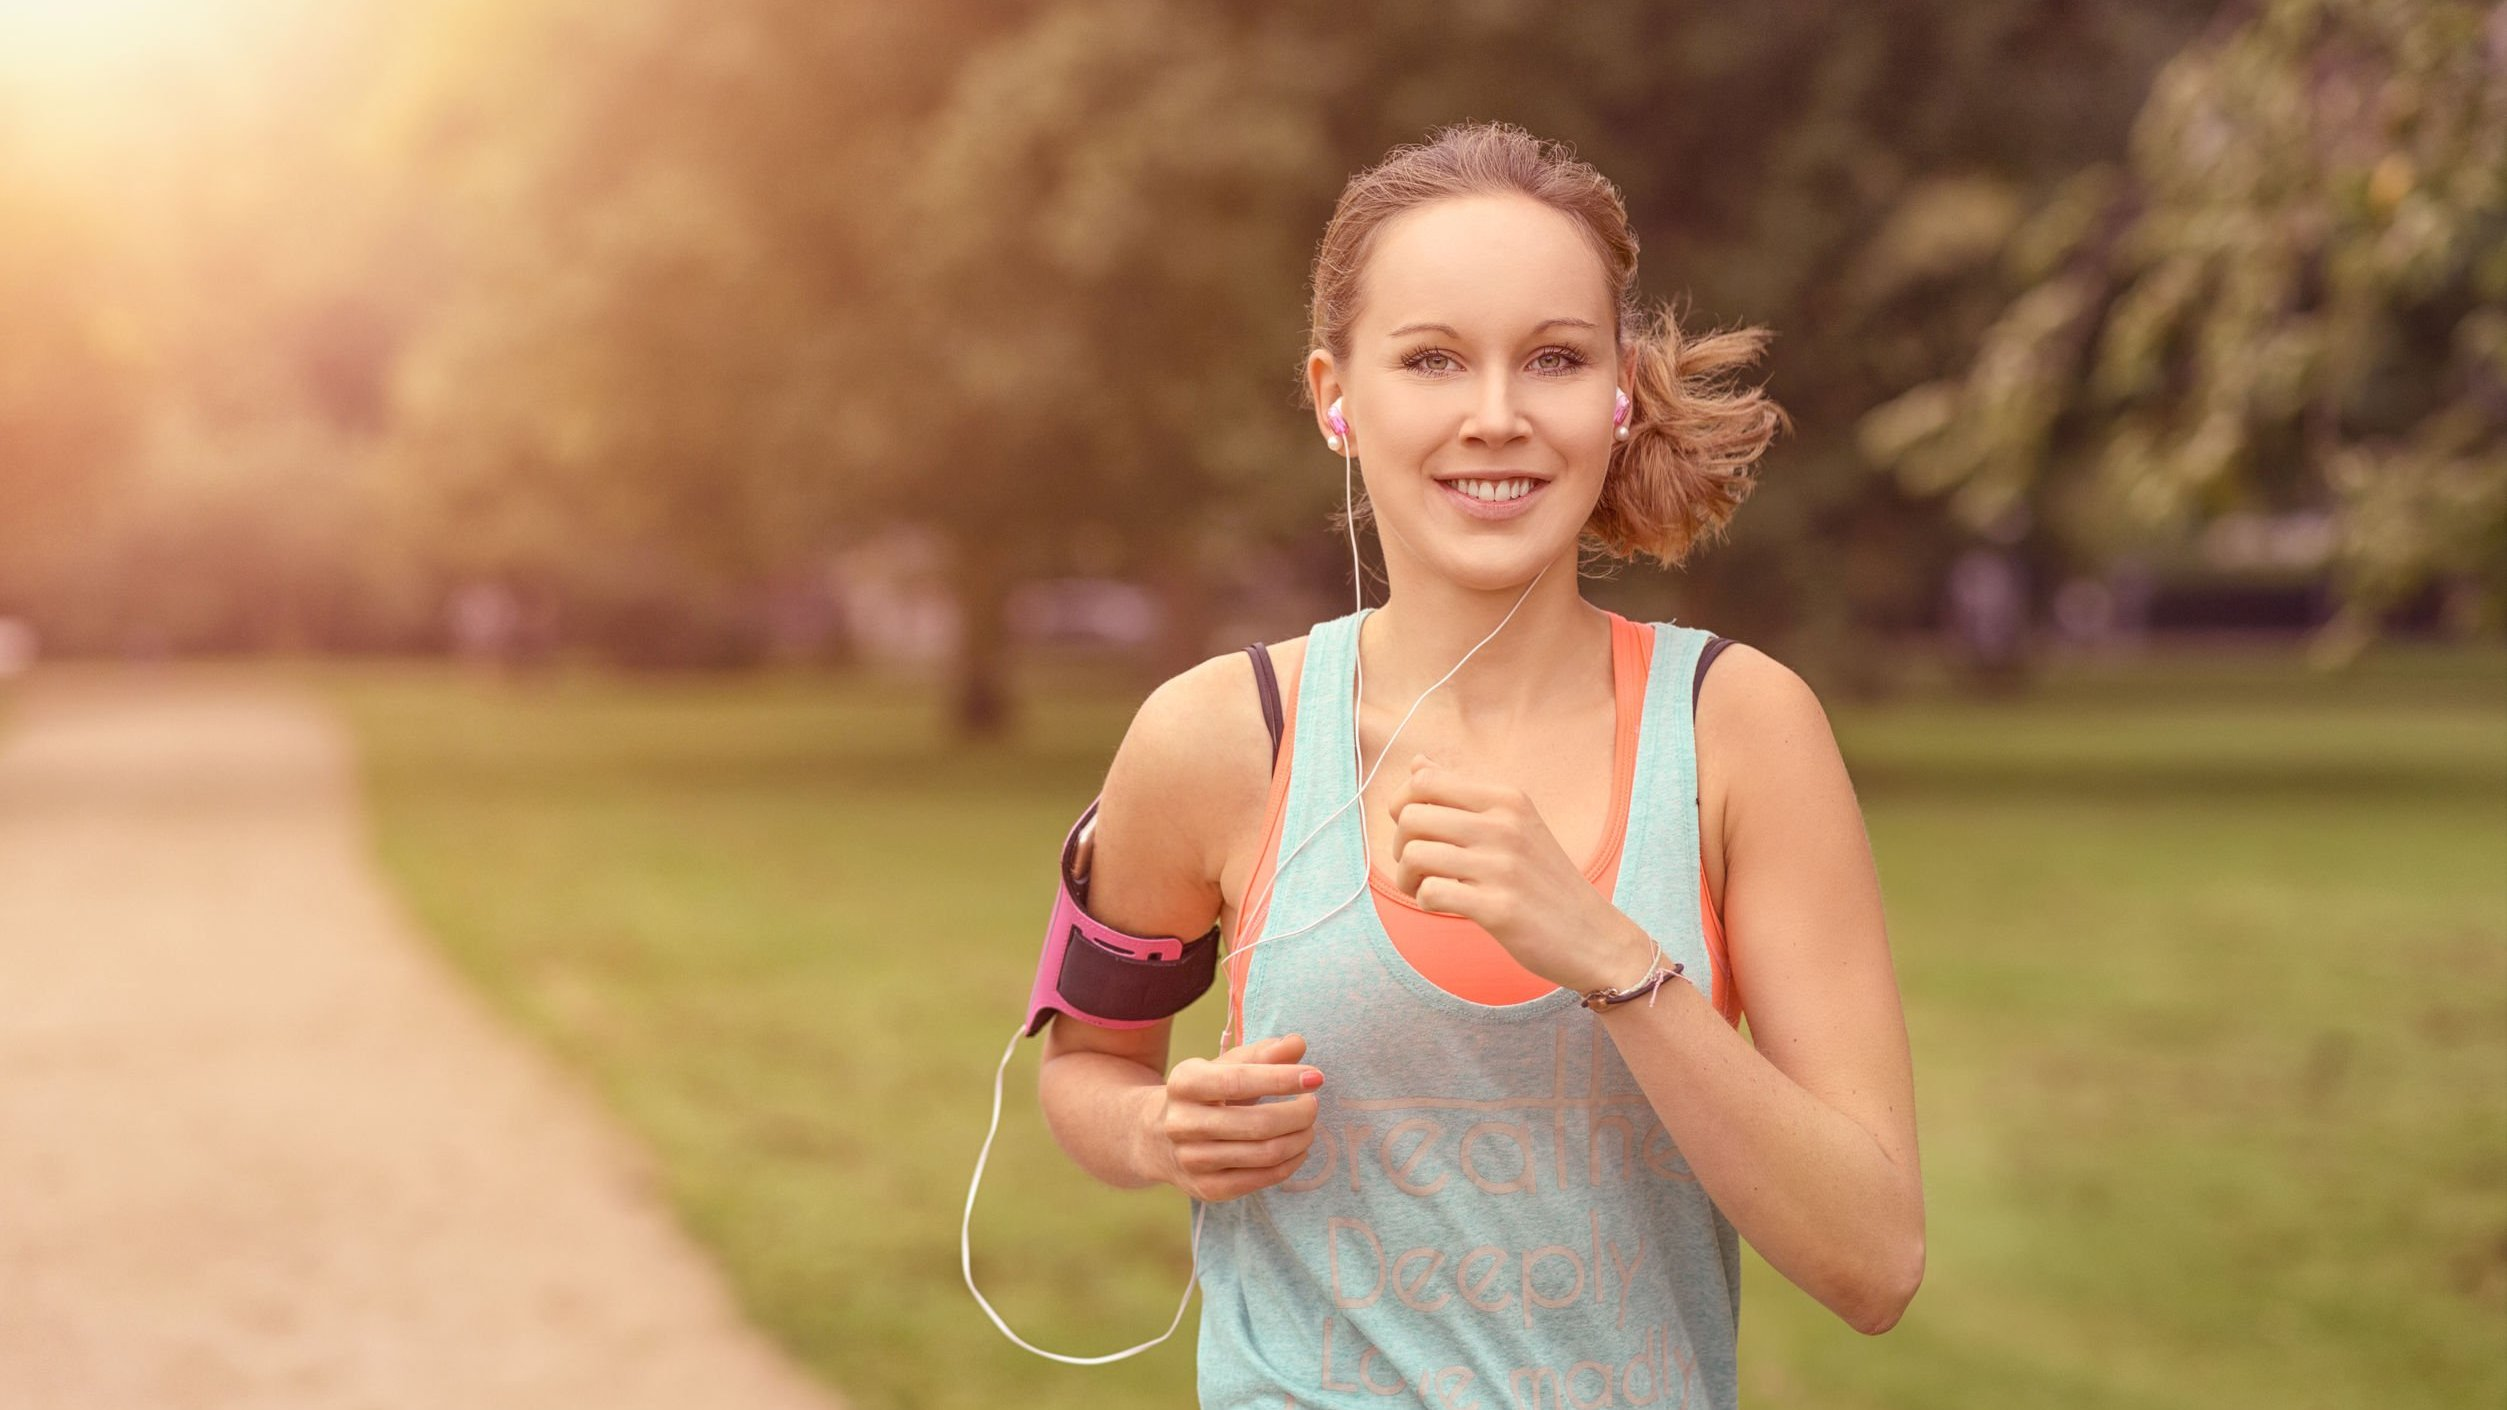 Mulher correndo e sorrindo.